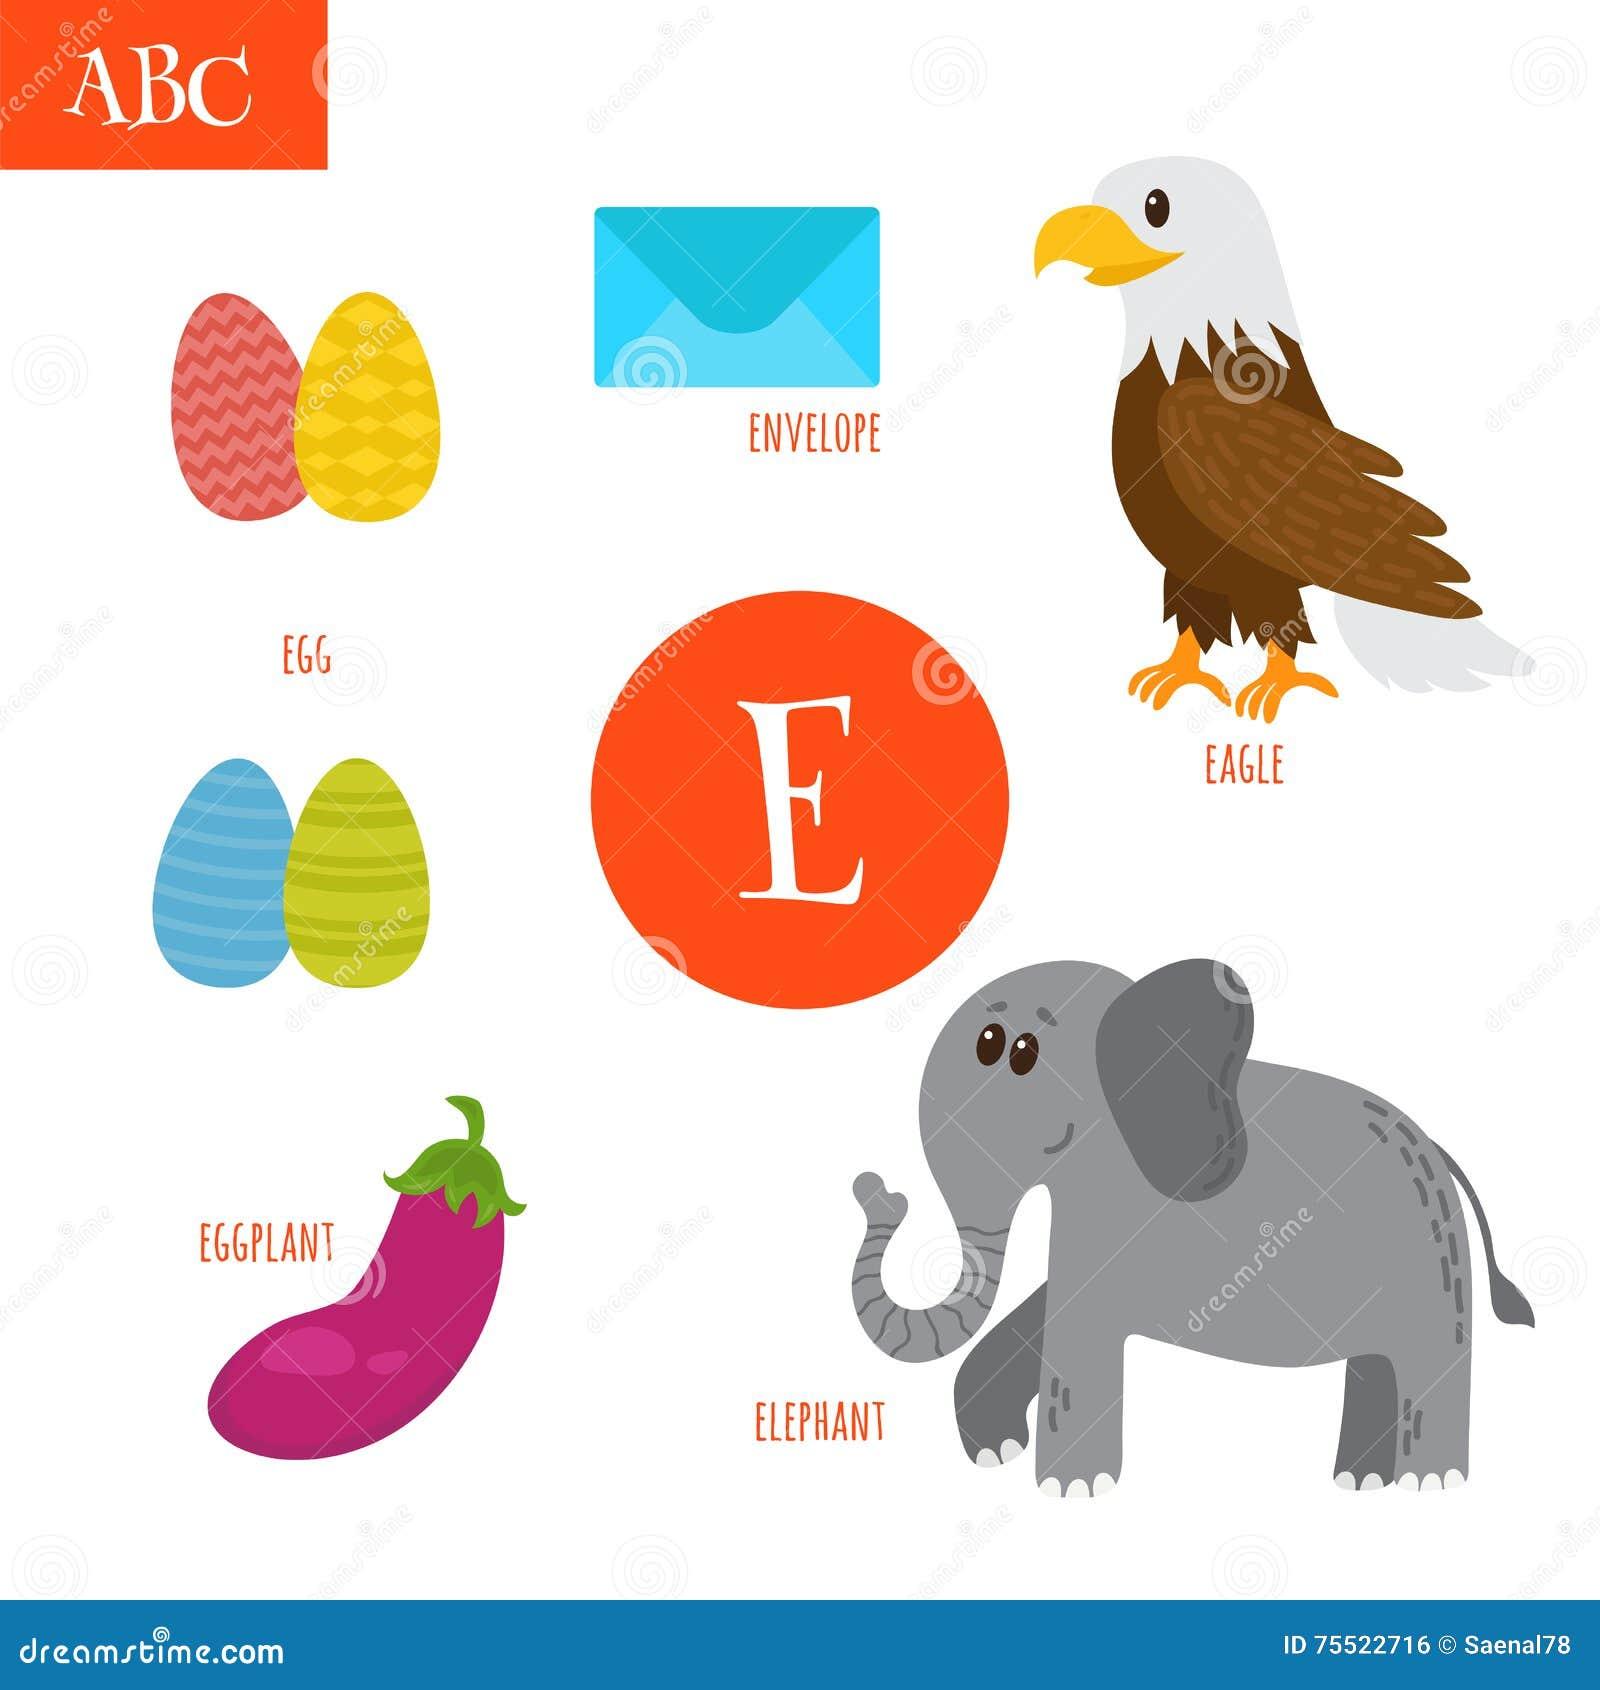 Letter E. Cartoon Alphabet For Children. Egg, Eggplant